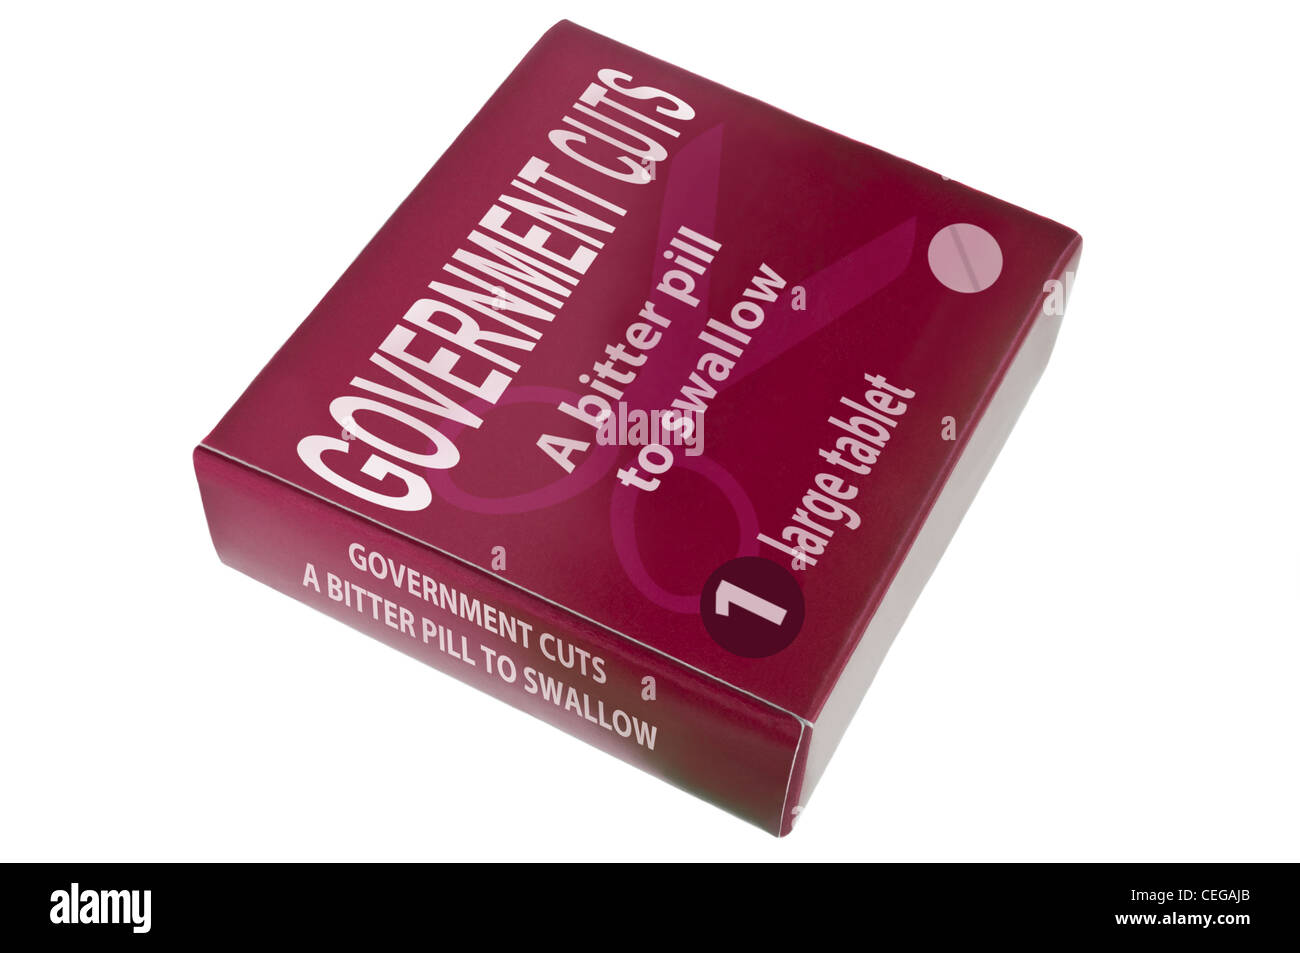 """Eine einzelne rote Medikamente-Pack mit den Worten """"Regierung schneidet eine bittere Pille zu schlucken"""" Stockbild"""